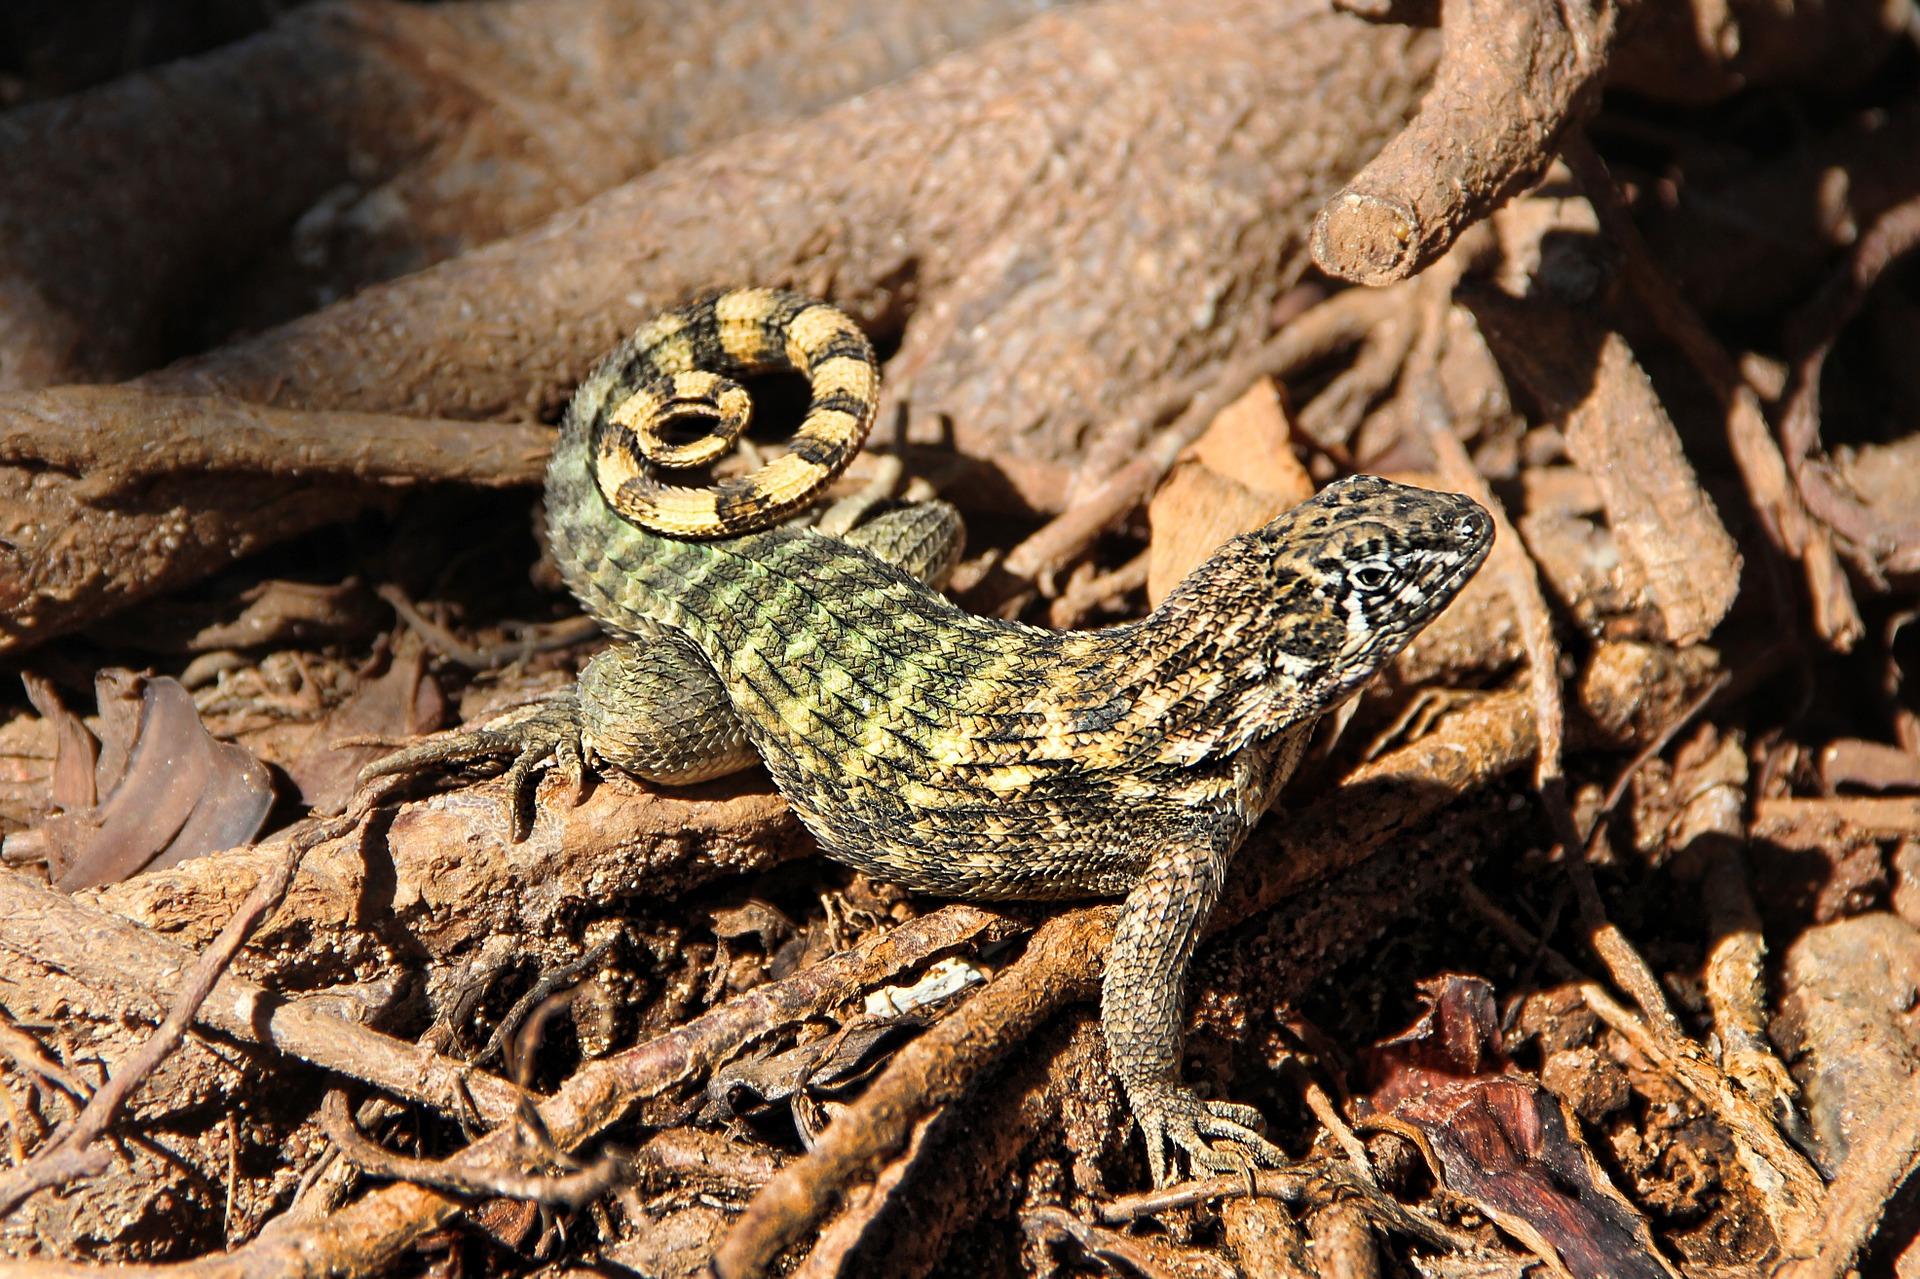 lizard-1202428_1920.jpg